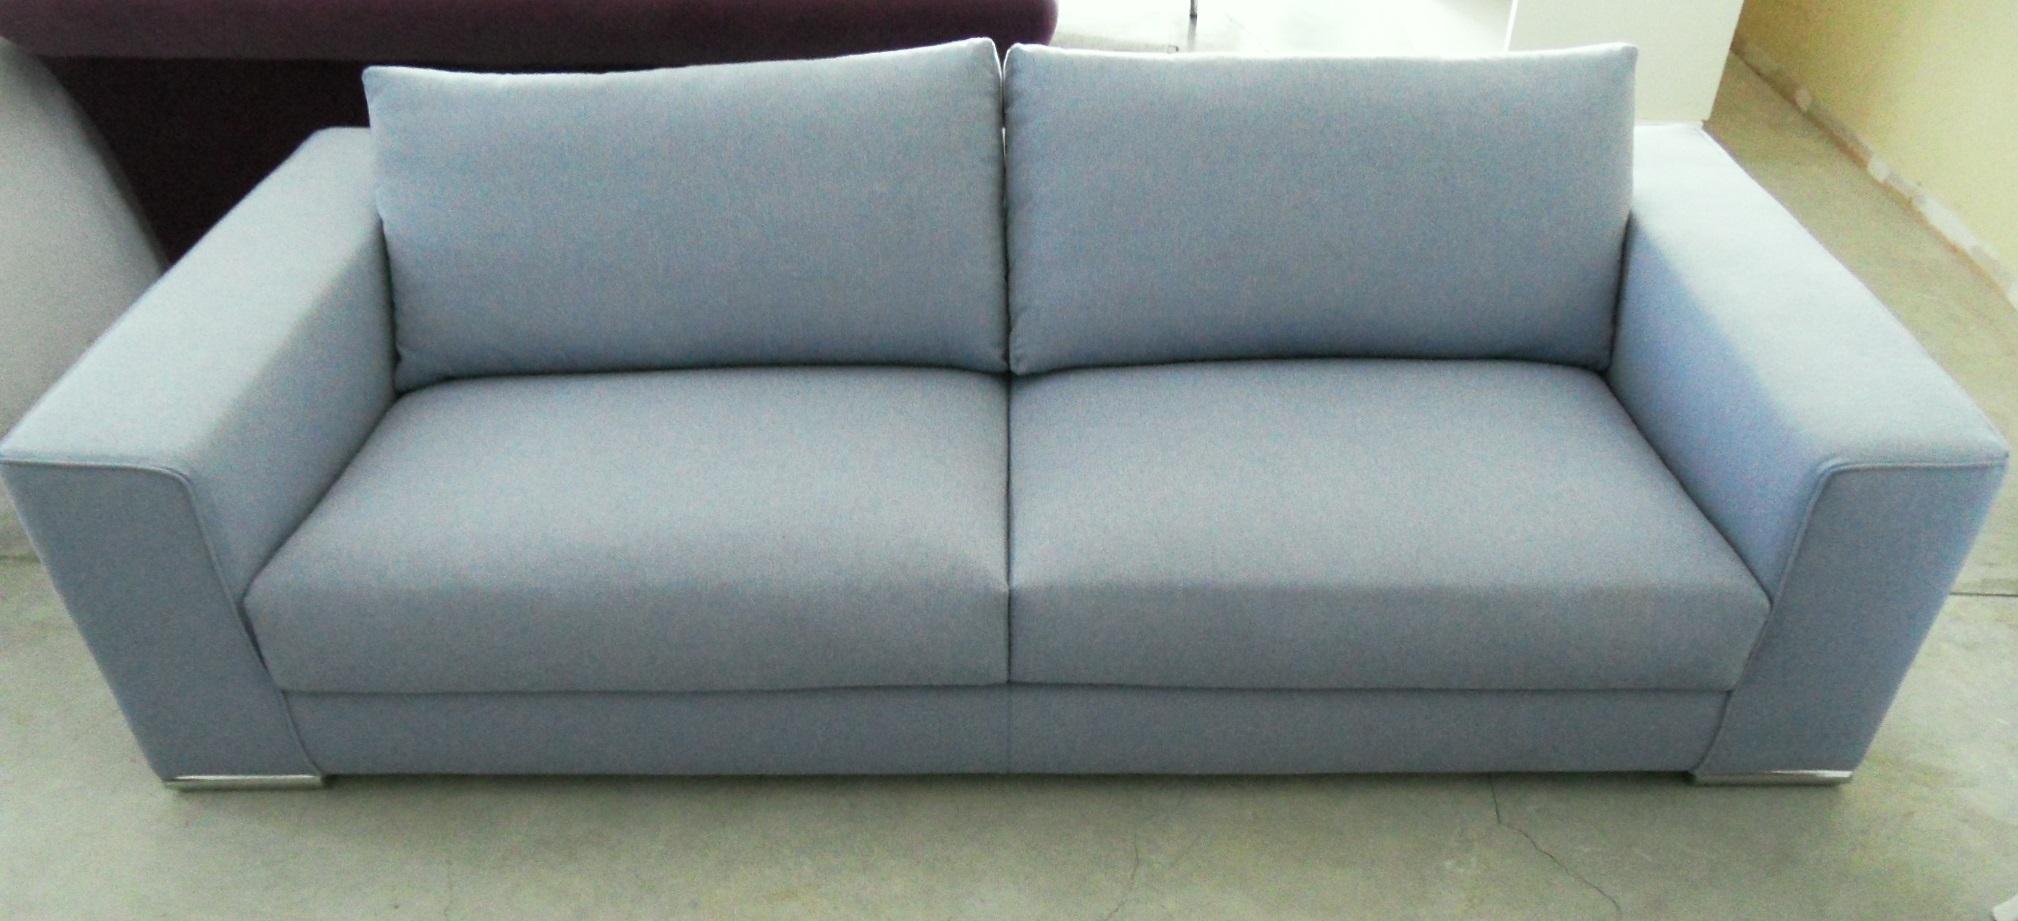 Divano in tessuto lilla scontato del 50 divani a prezzi - Divano seduta larga ...